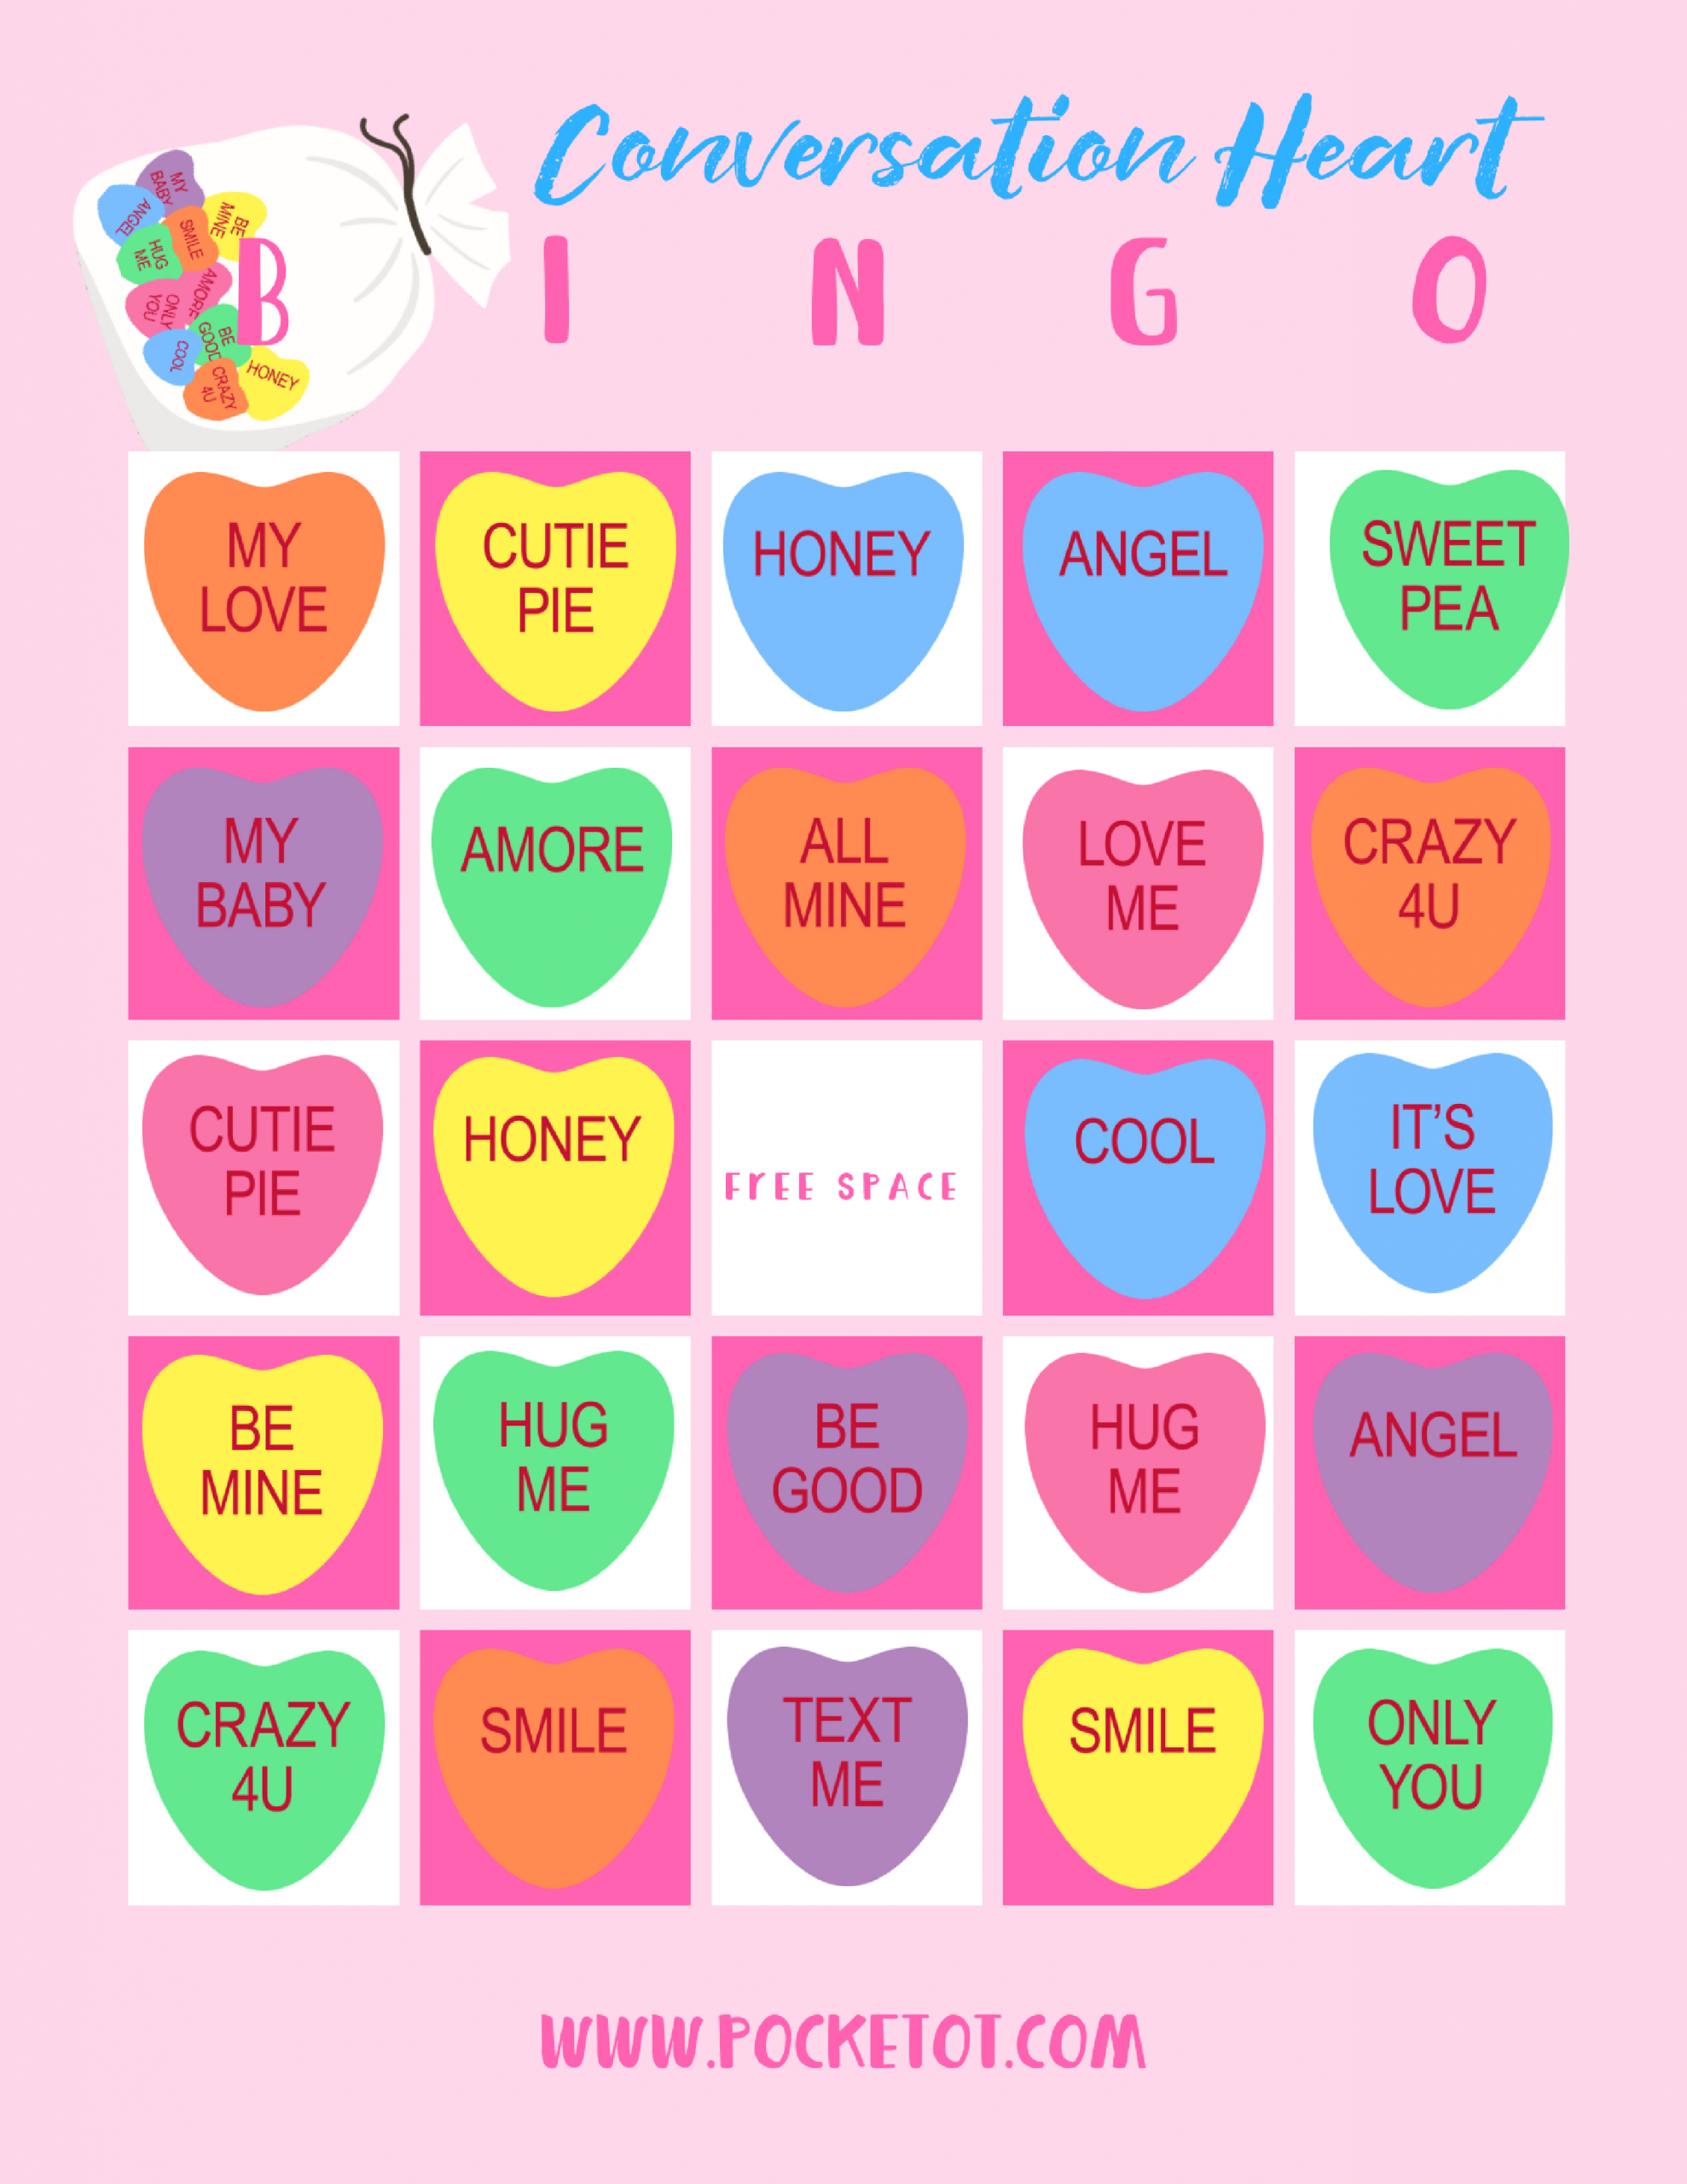 Valentine's Day Conversation Heart Bingo Game | Heart Bingo